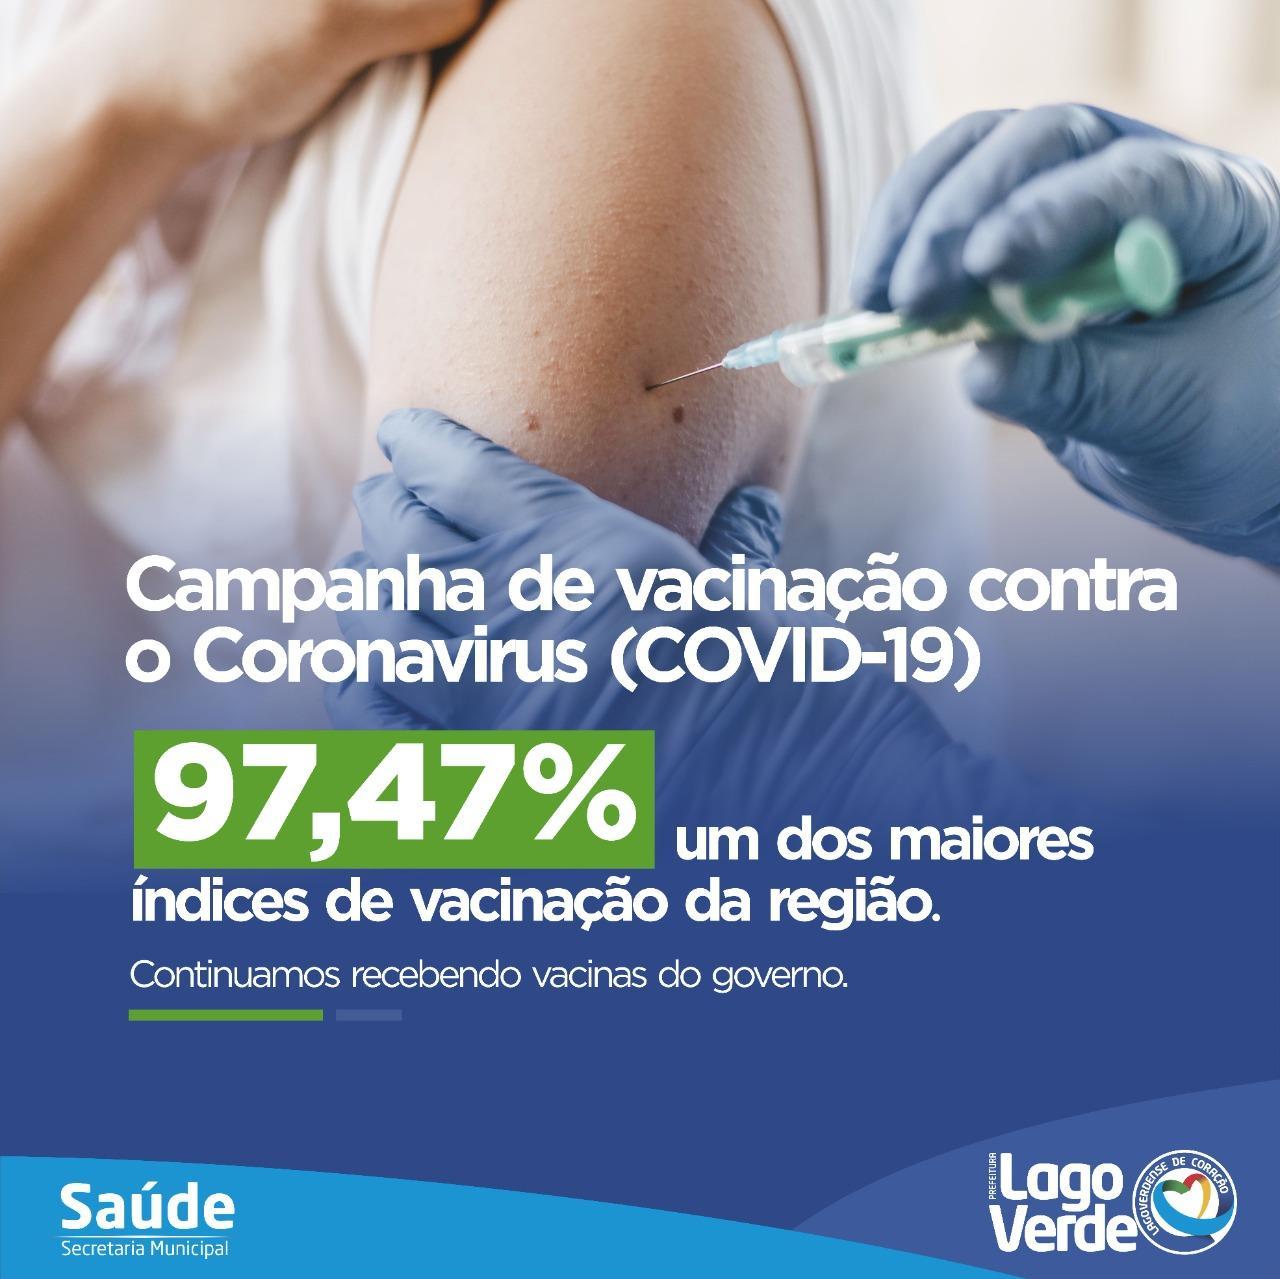 Prefeitura de Lago Verde segue com cronograma de vacinação contra o Covid-19